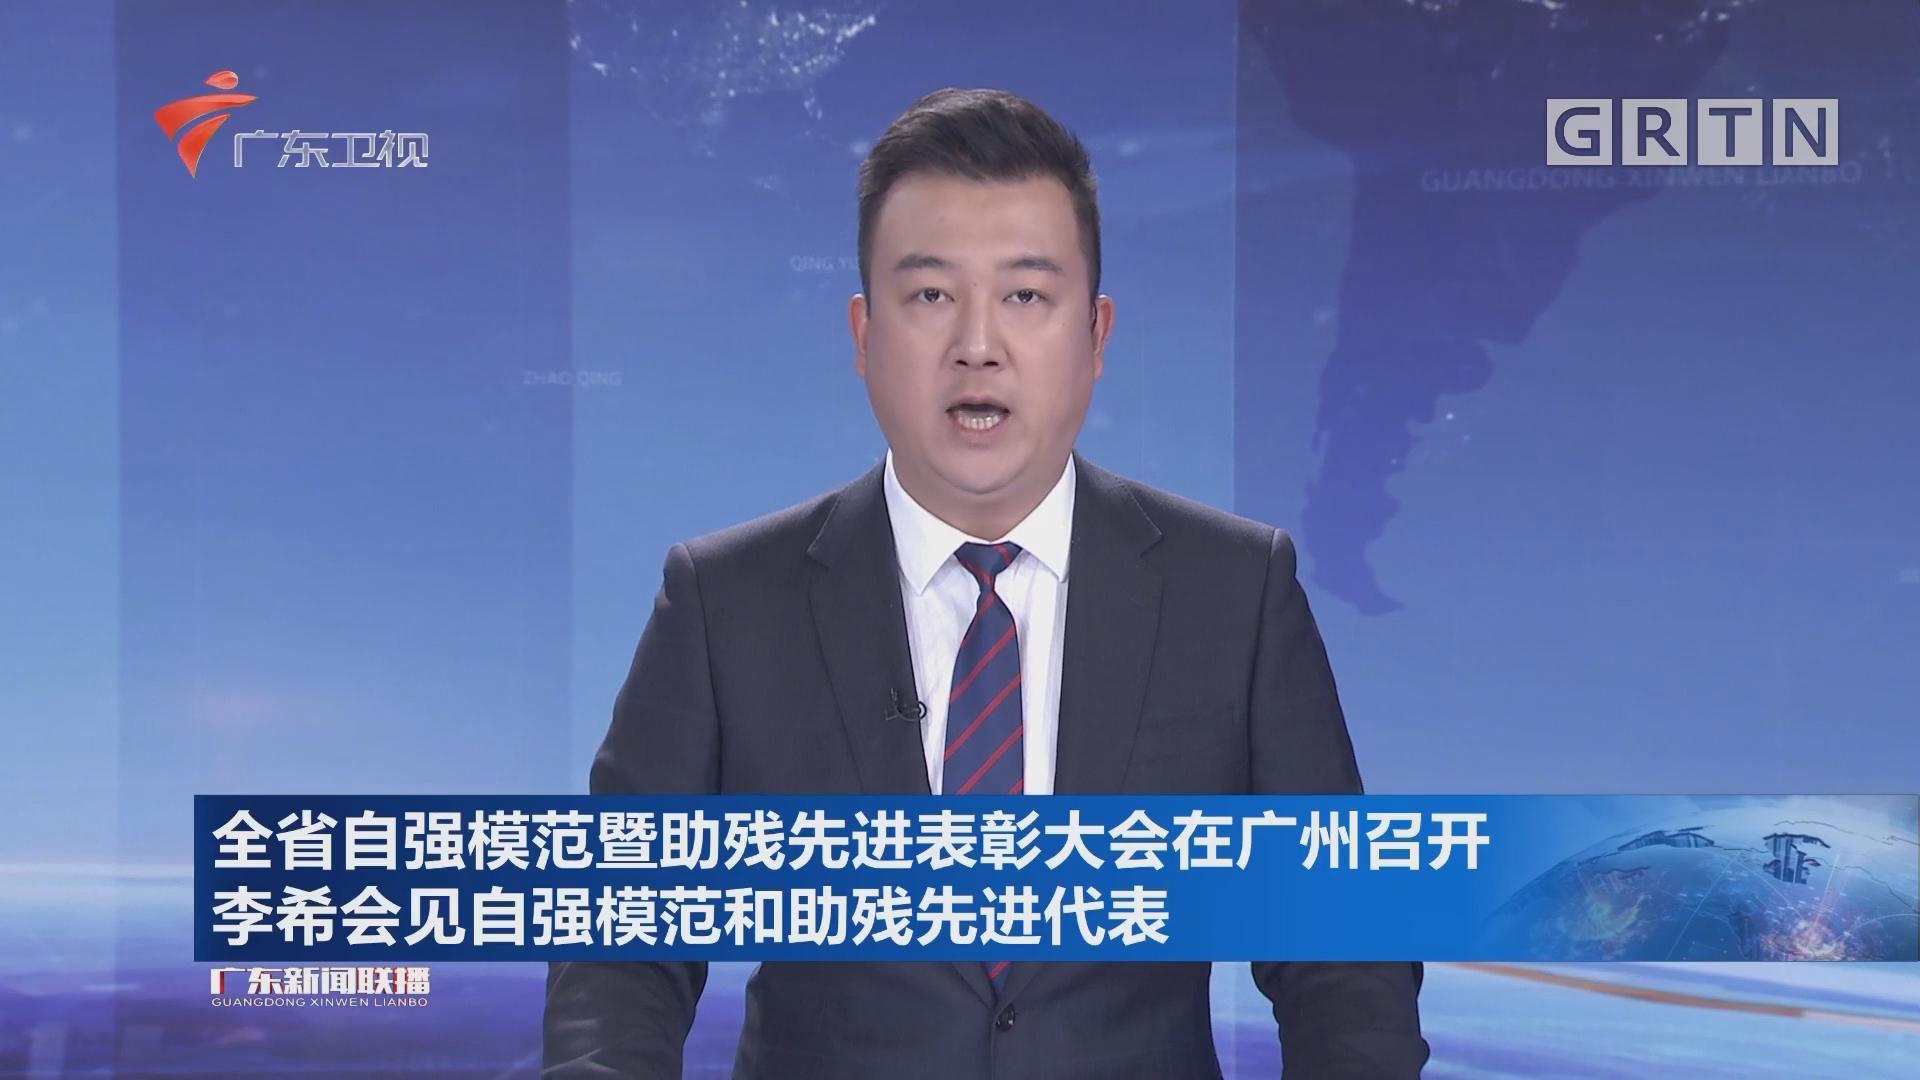 全省自强模范暨助残先进表彰大会在广州召开 李希会见自强模范和助残先进代表